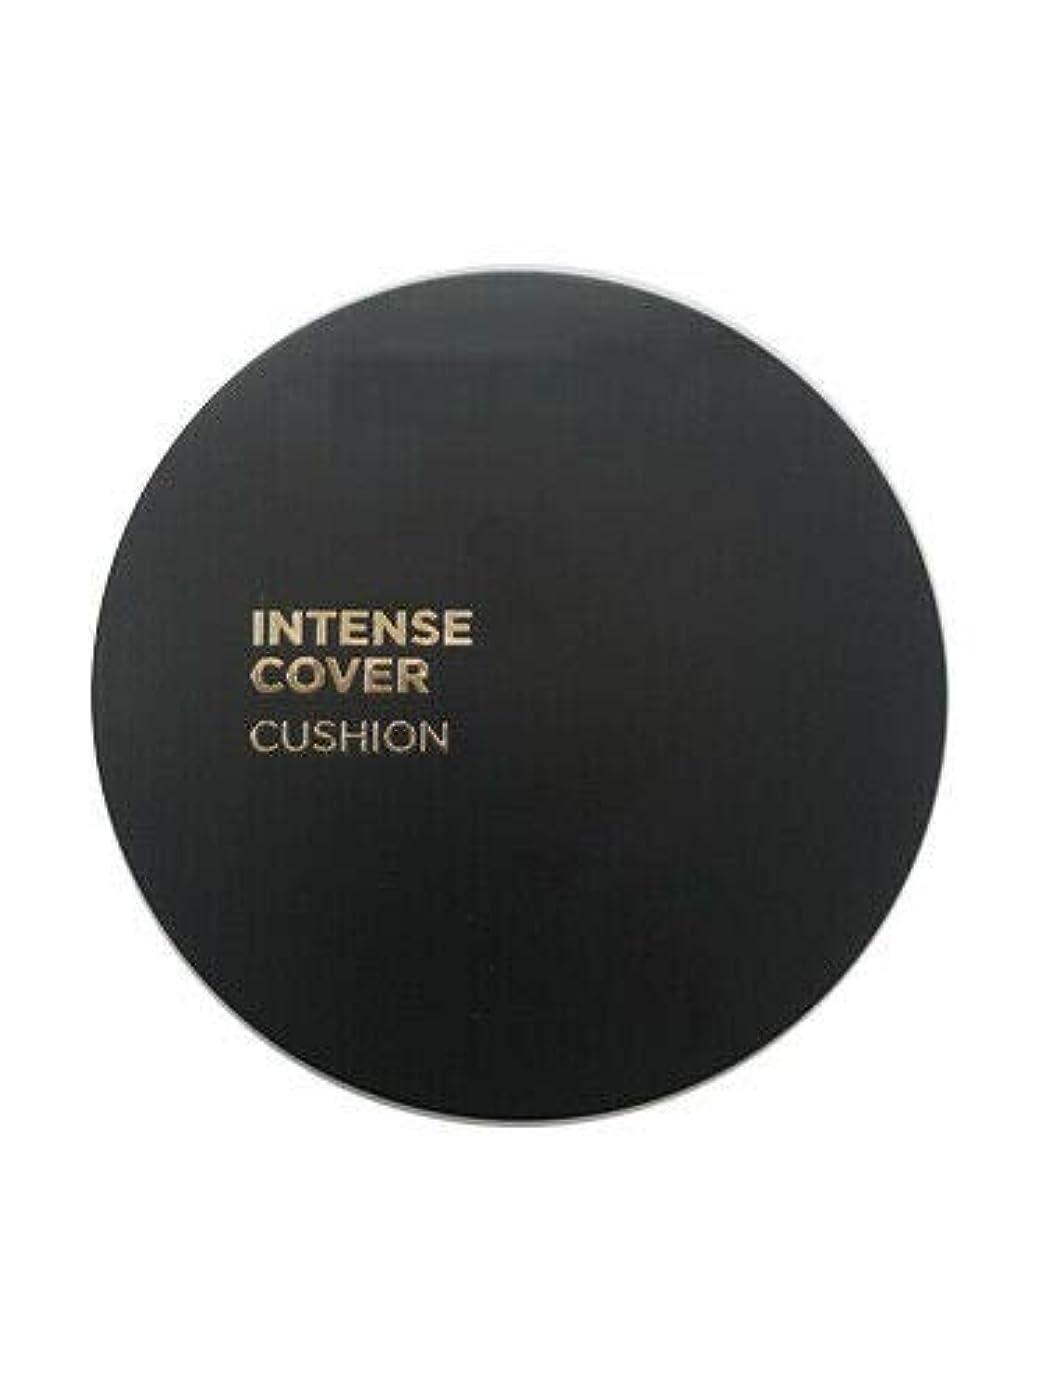 他の日ひまわり夕方[ザ?フェイスショップ] THE FACE SHOP [インテンス カバー クッション 15g] Intense Cover Cushion 15g [海外直送品] (#V201)